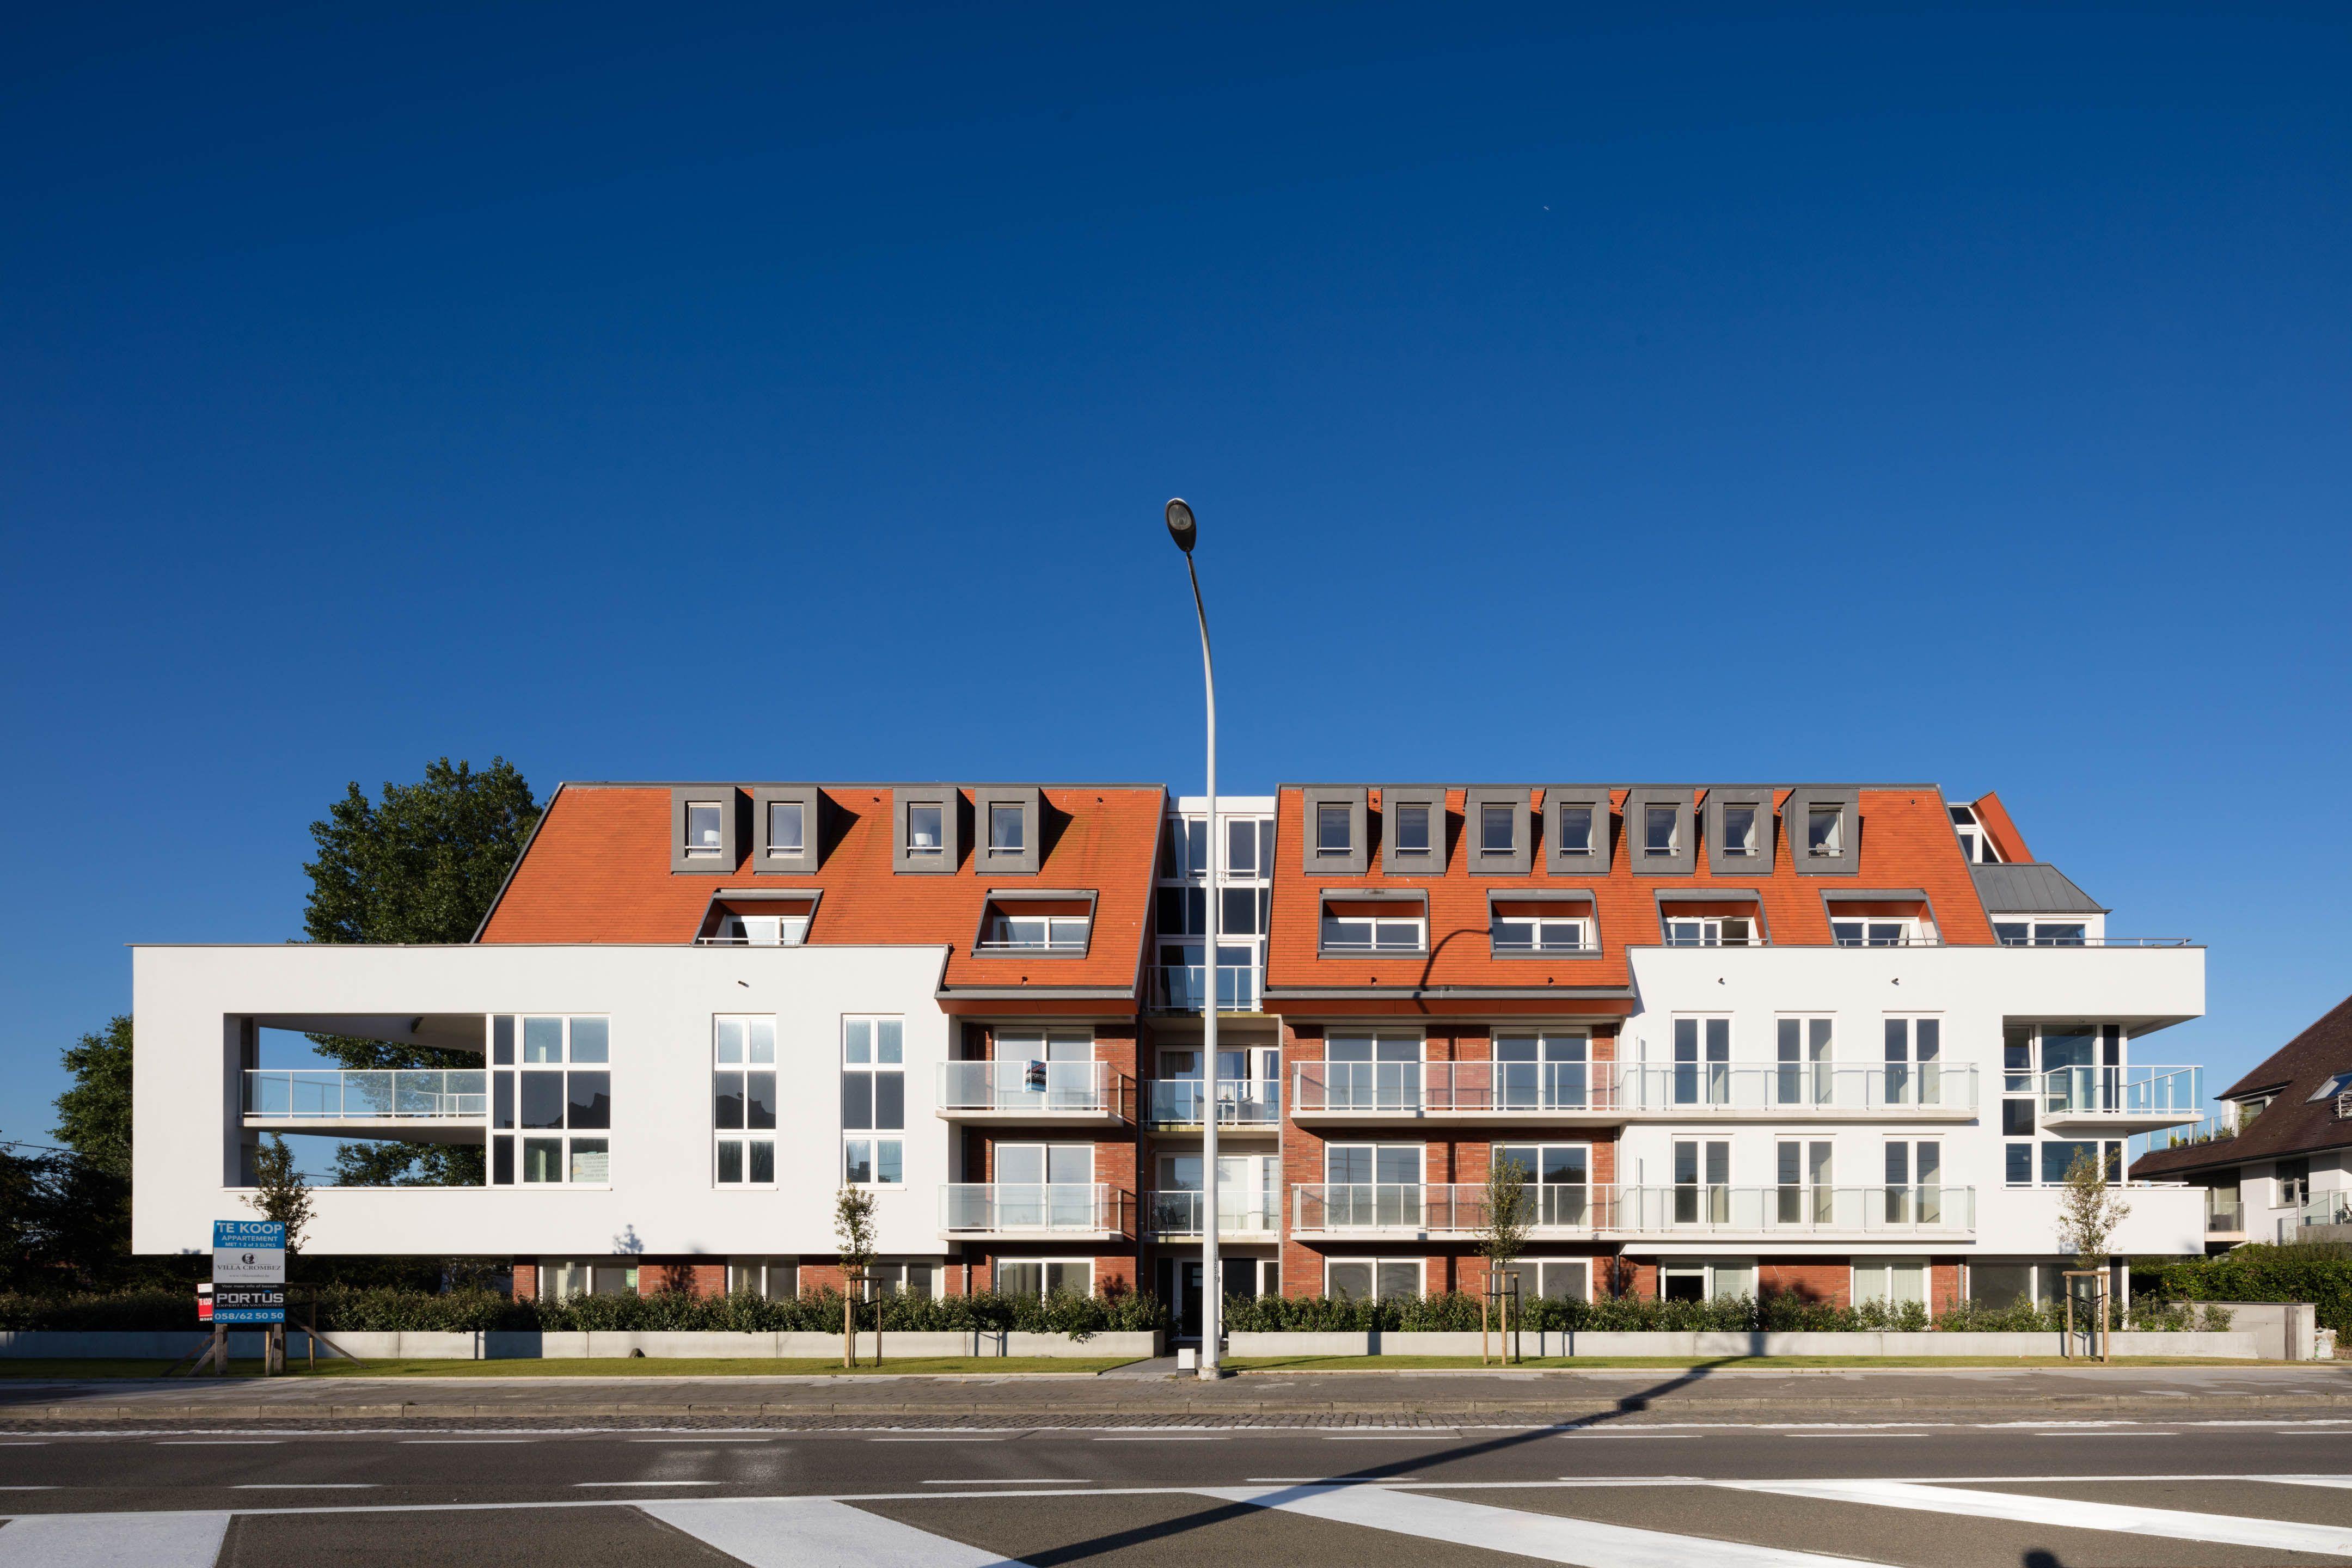 Appartement Residentie Villa Crombez Nieuwpoort - 8393